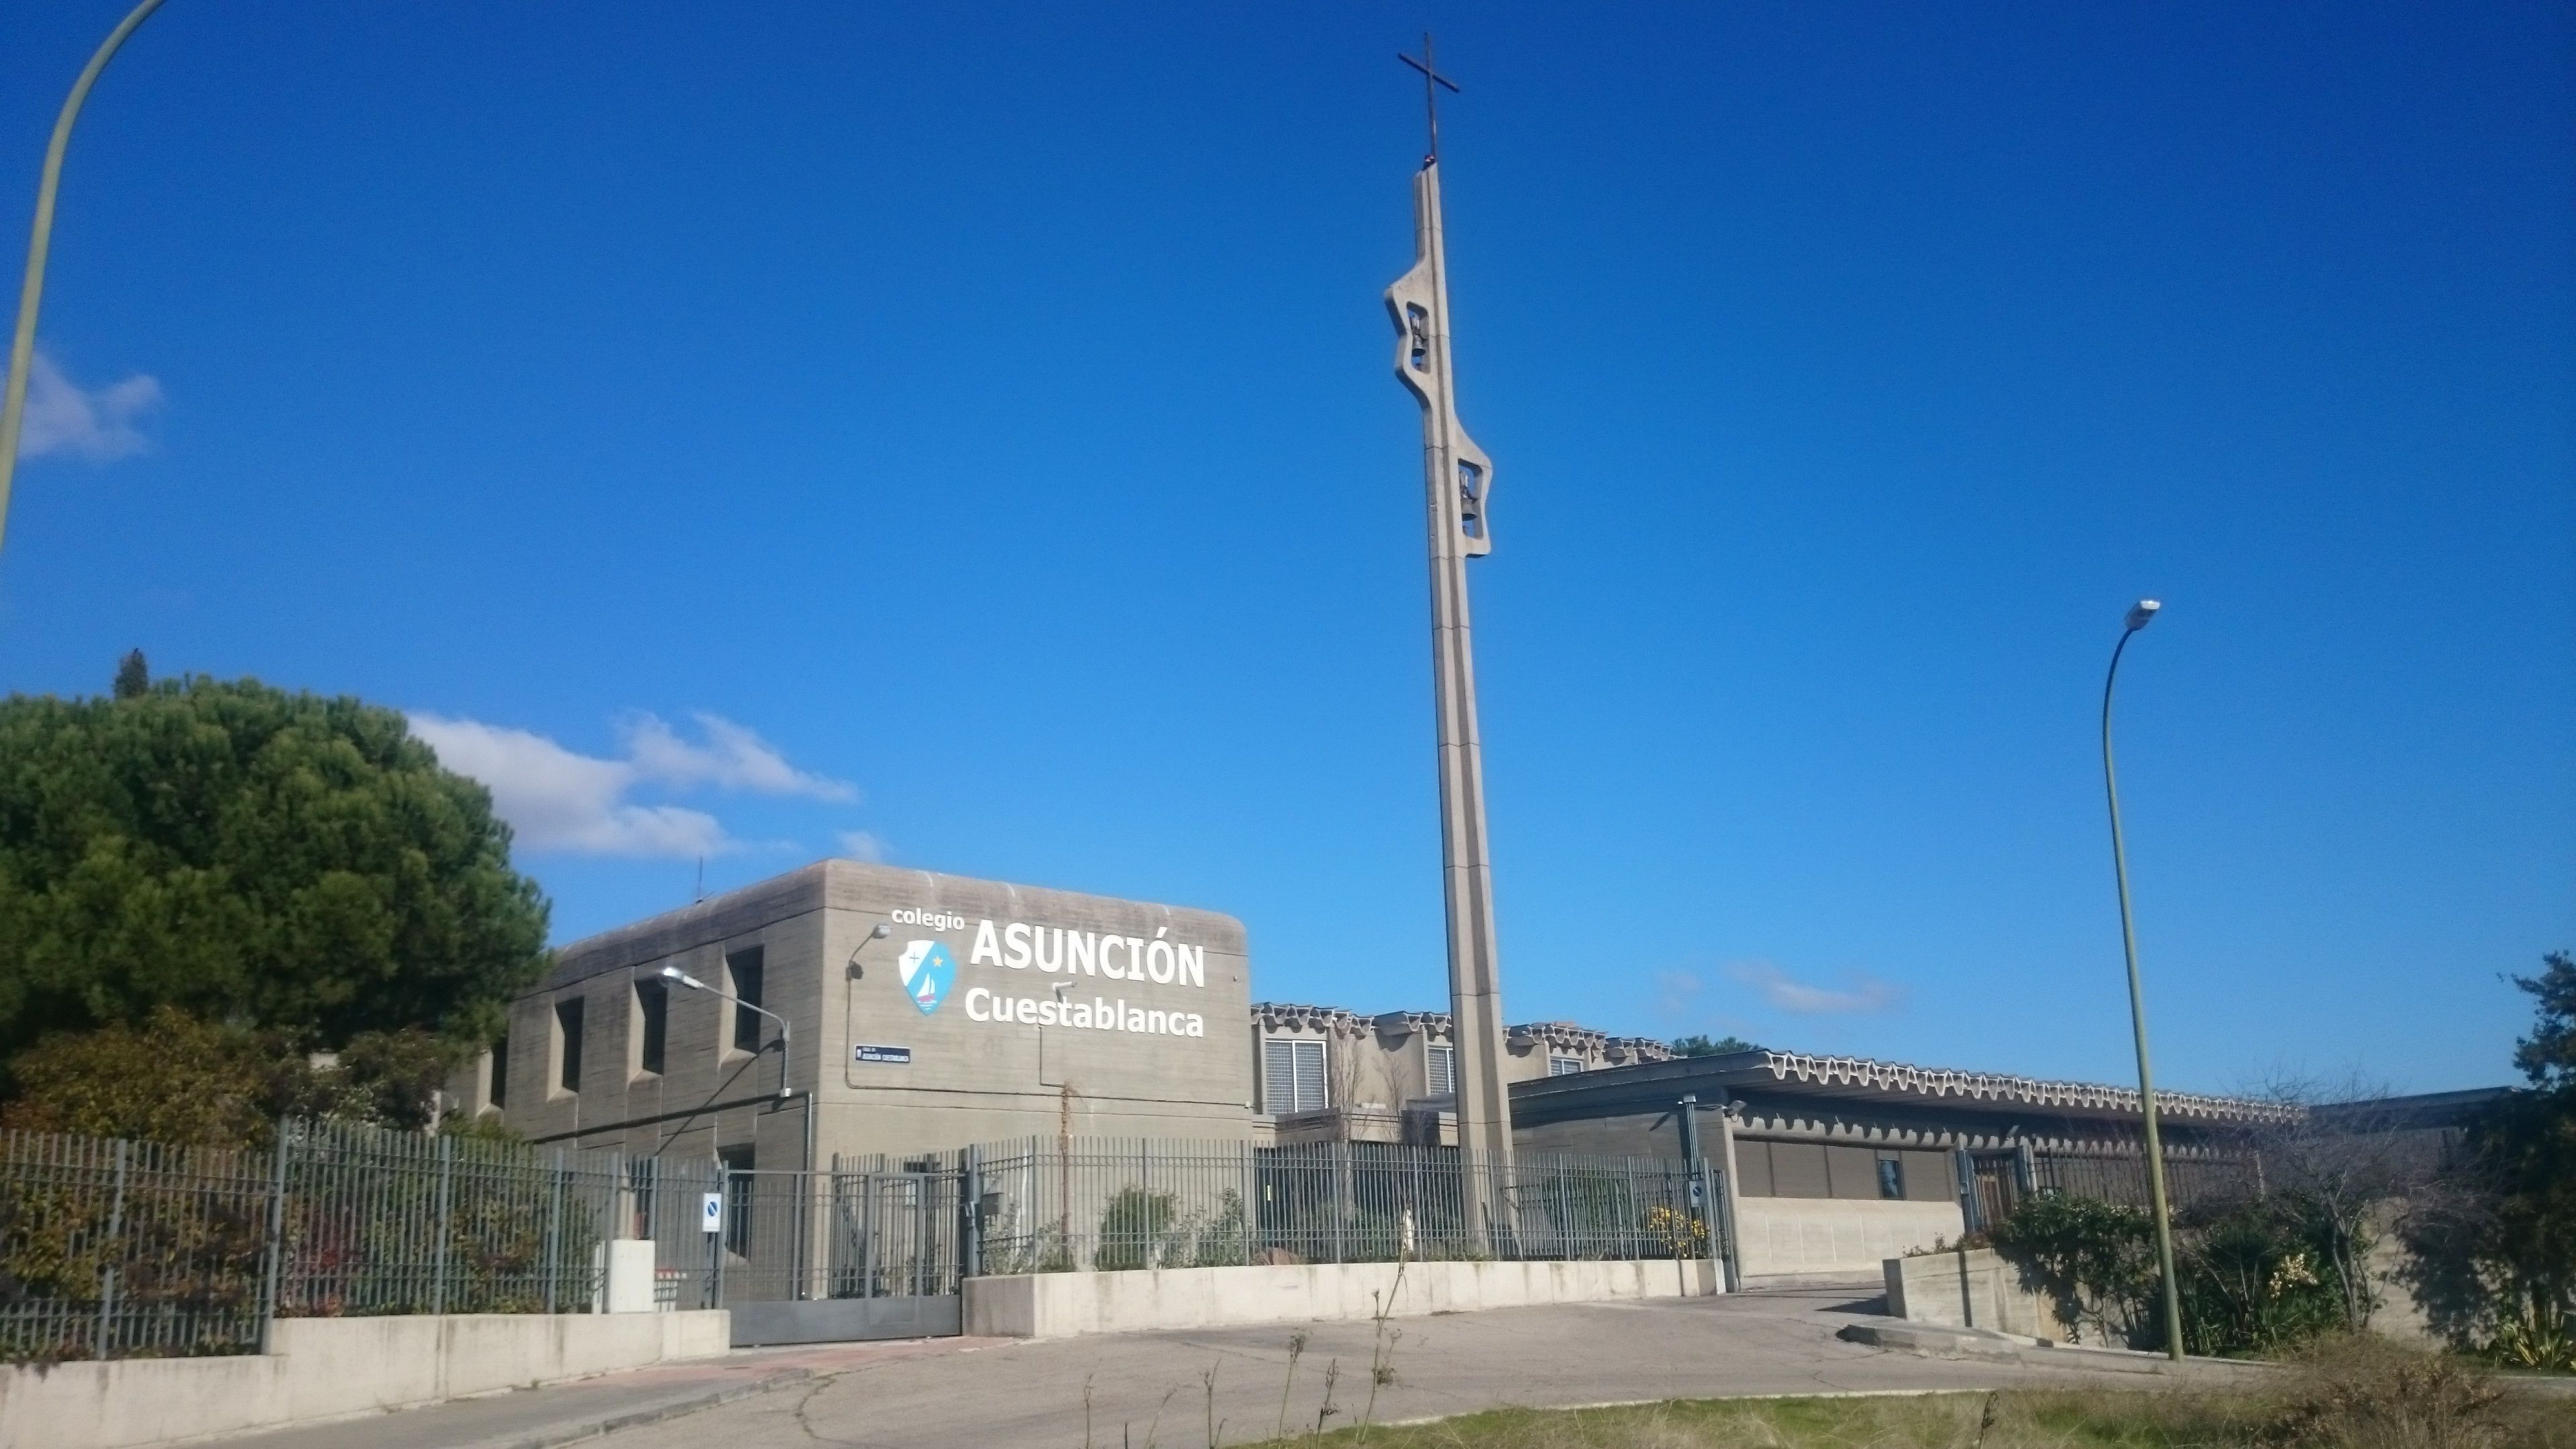 Bienvenidos a la web del Colegio Asunción Cuestablanca